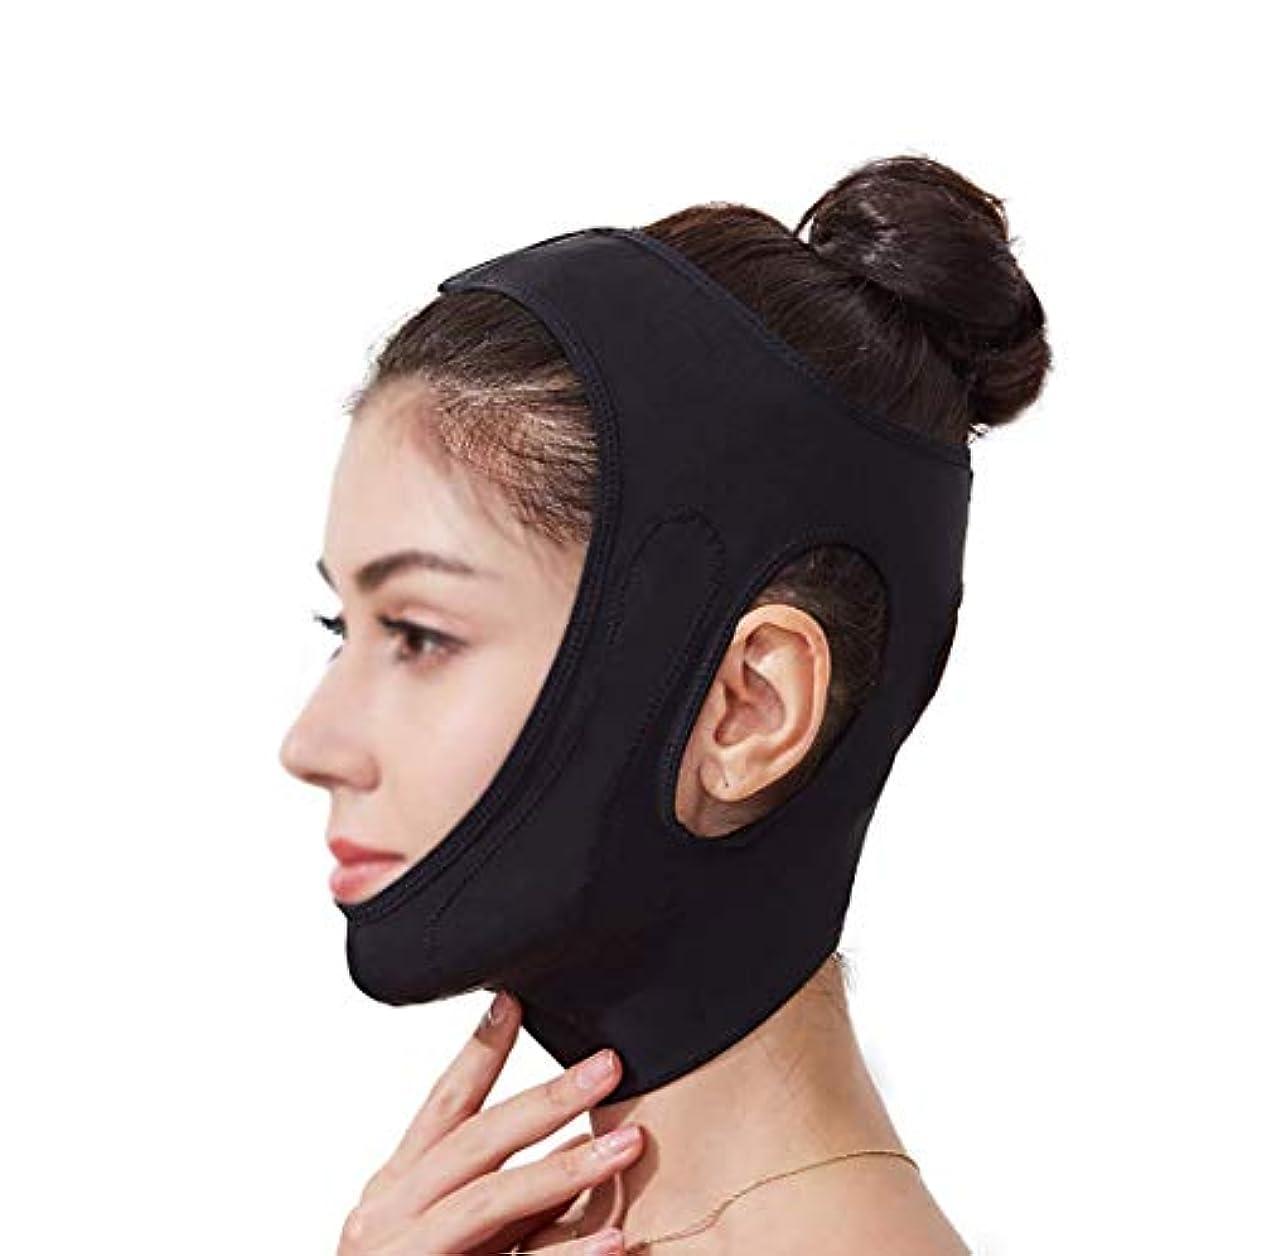 ジャーナリスト用語集選出するフェイスリフティングマスク、360°オールラウンドリフティングフェイシャルコンター、あごを閉じて肌を引き締め、快適でフェイスライトをサポートし、通気性を保ちます(サイズ:ブラック),ブラック